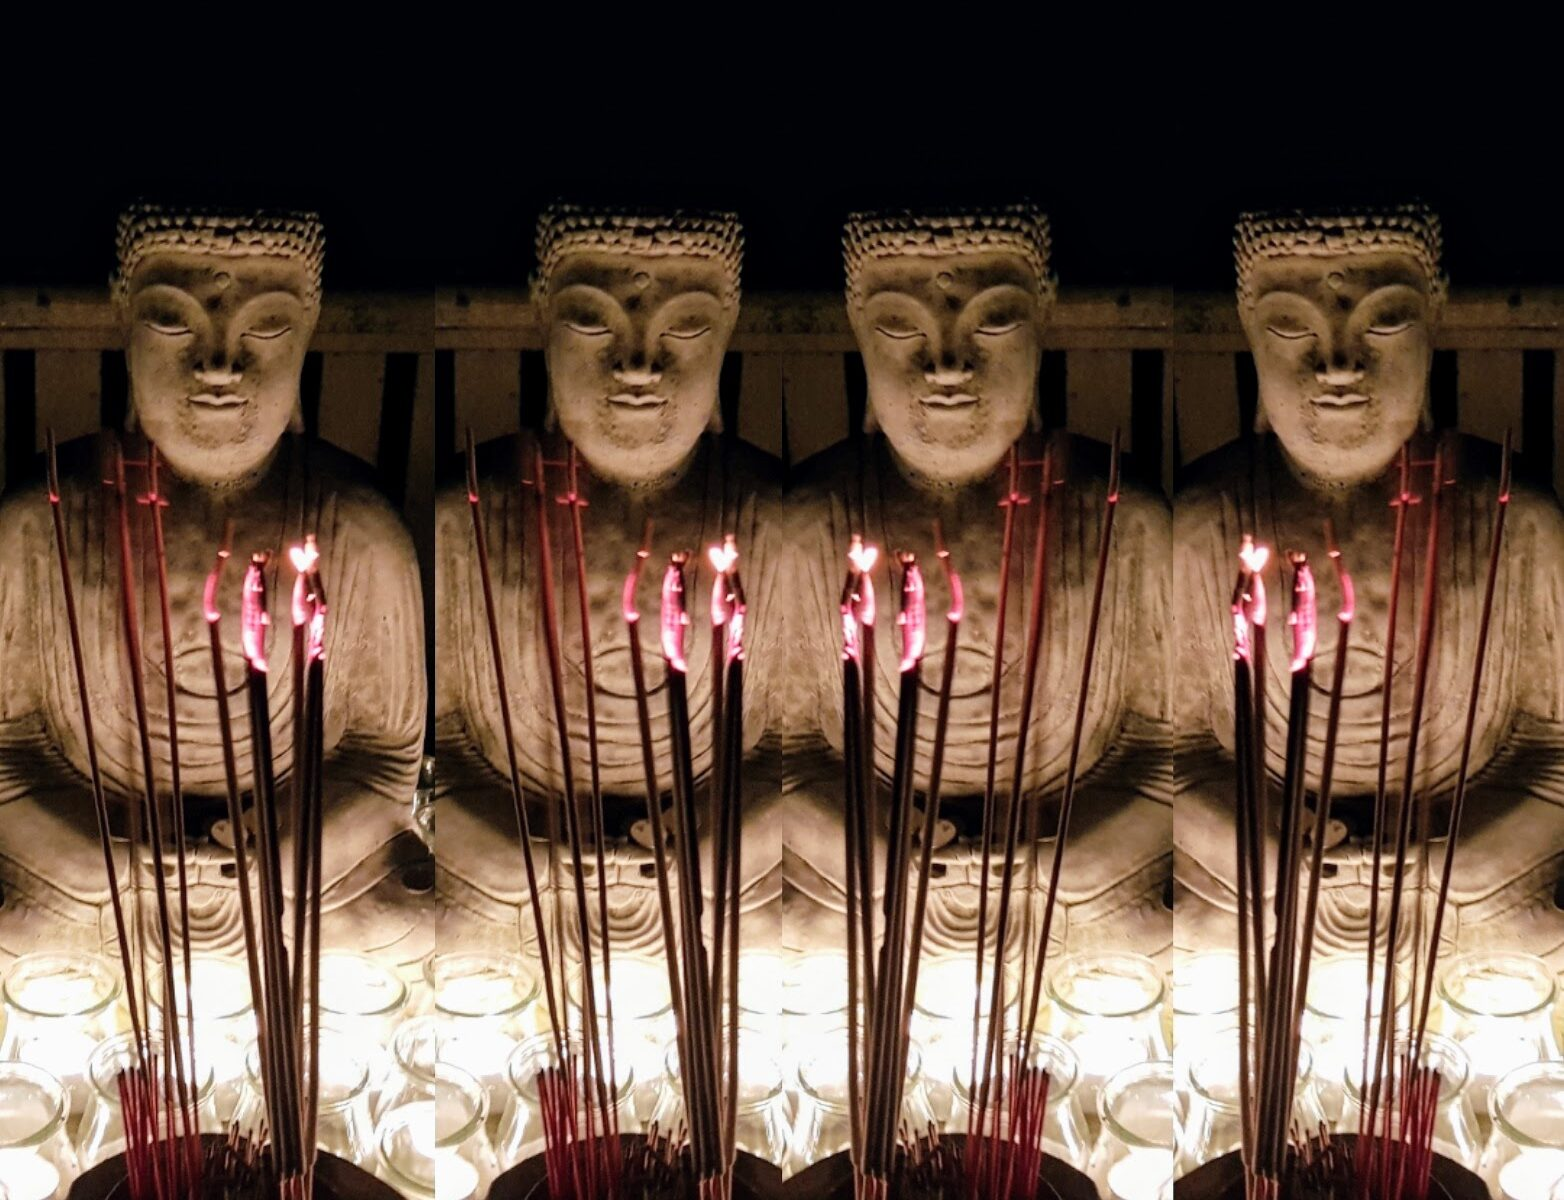 Buddha Statue by candlelight